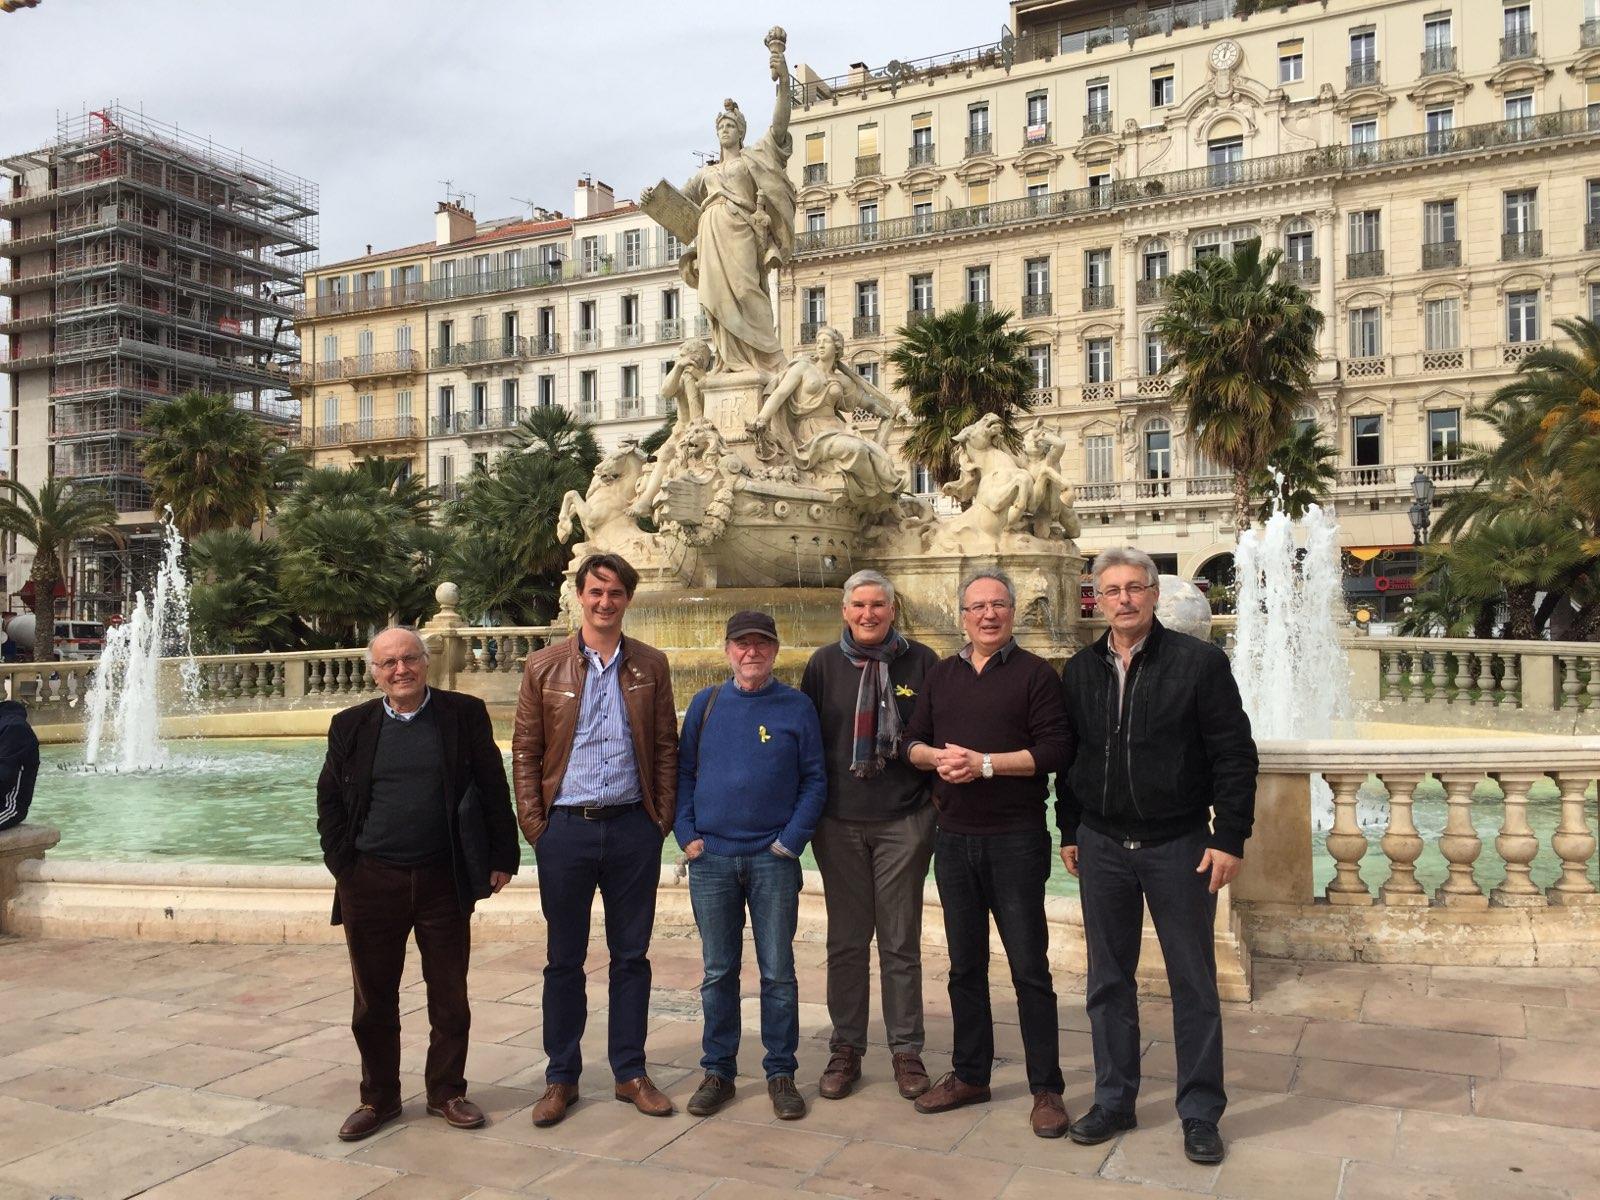 Les membres fondateurs du collectif à Toulon (photo, avec l'aimable autorisation de Pierre Louis Pages DR)